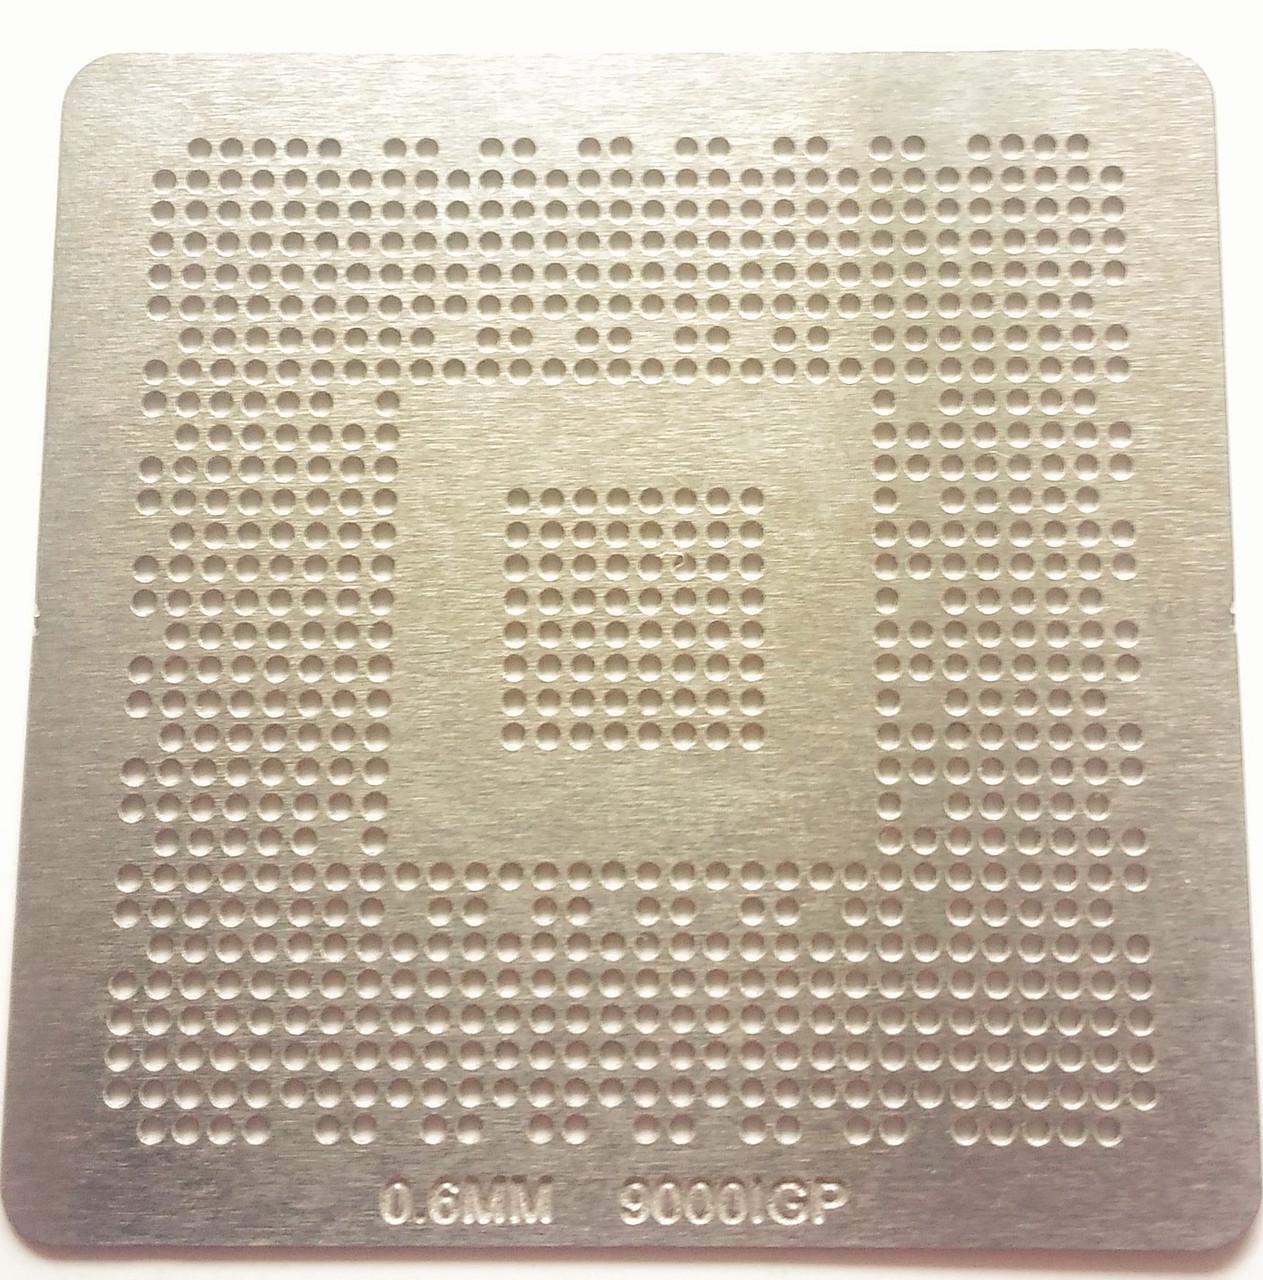 Трафарет BGA 9000IGP, шар 0,6 мм